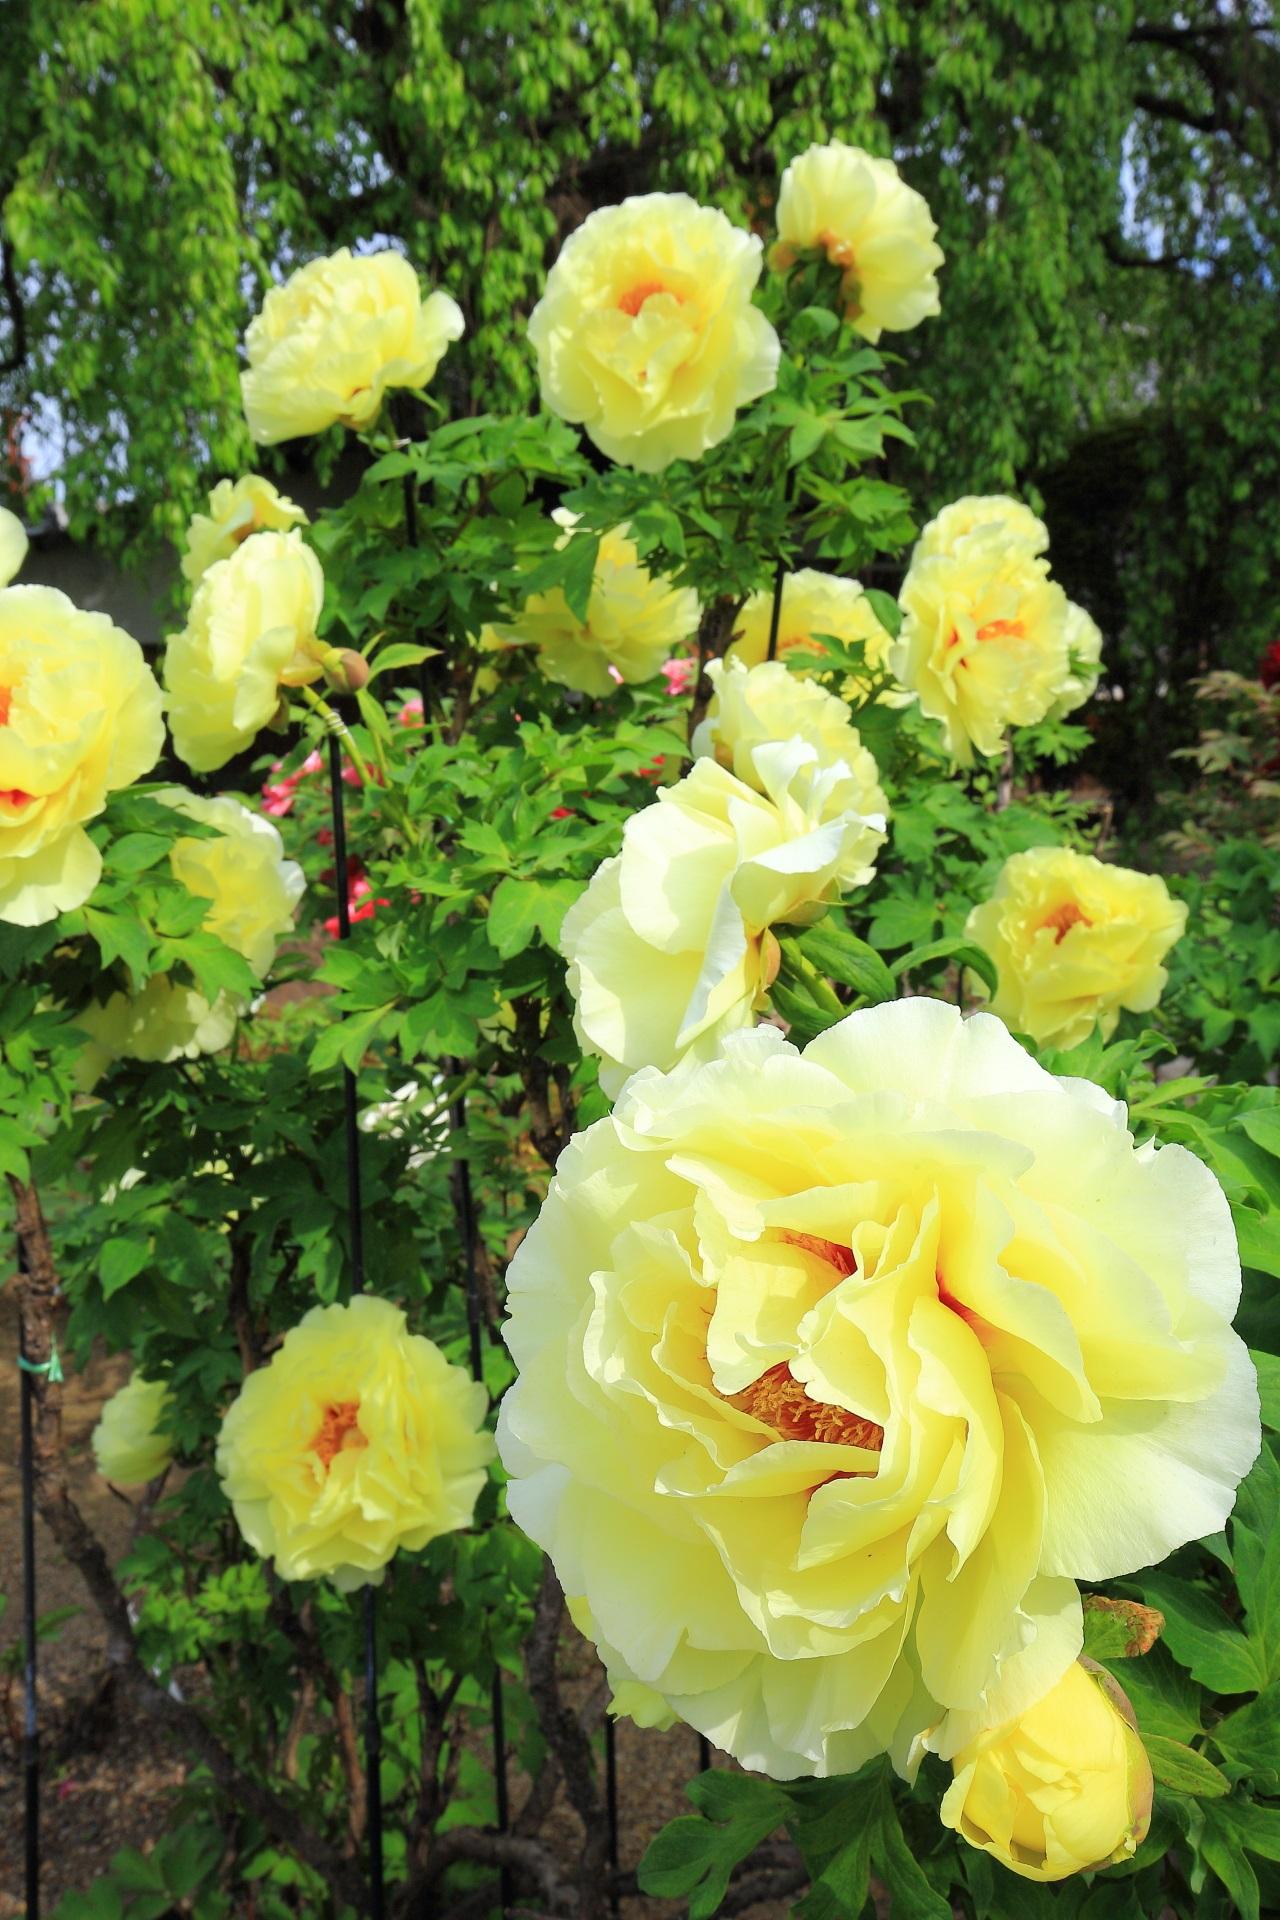 見事に咲き誇る華やかな春色の牡丹